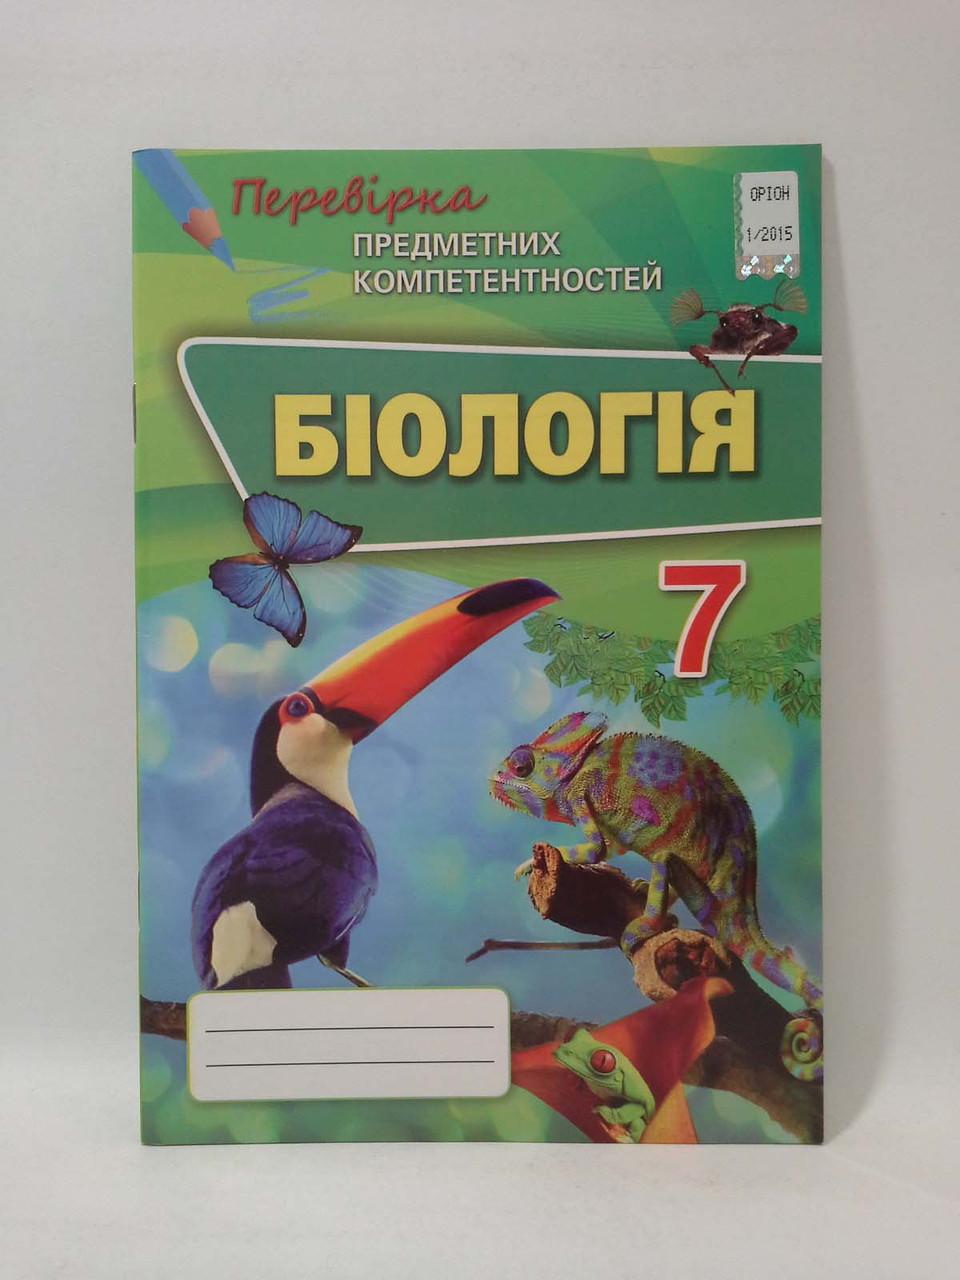 Оріон Біологія 7 клас Перевірка предметних компетентностей Сліпчук